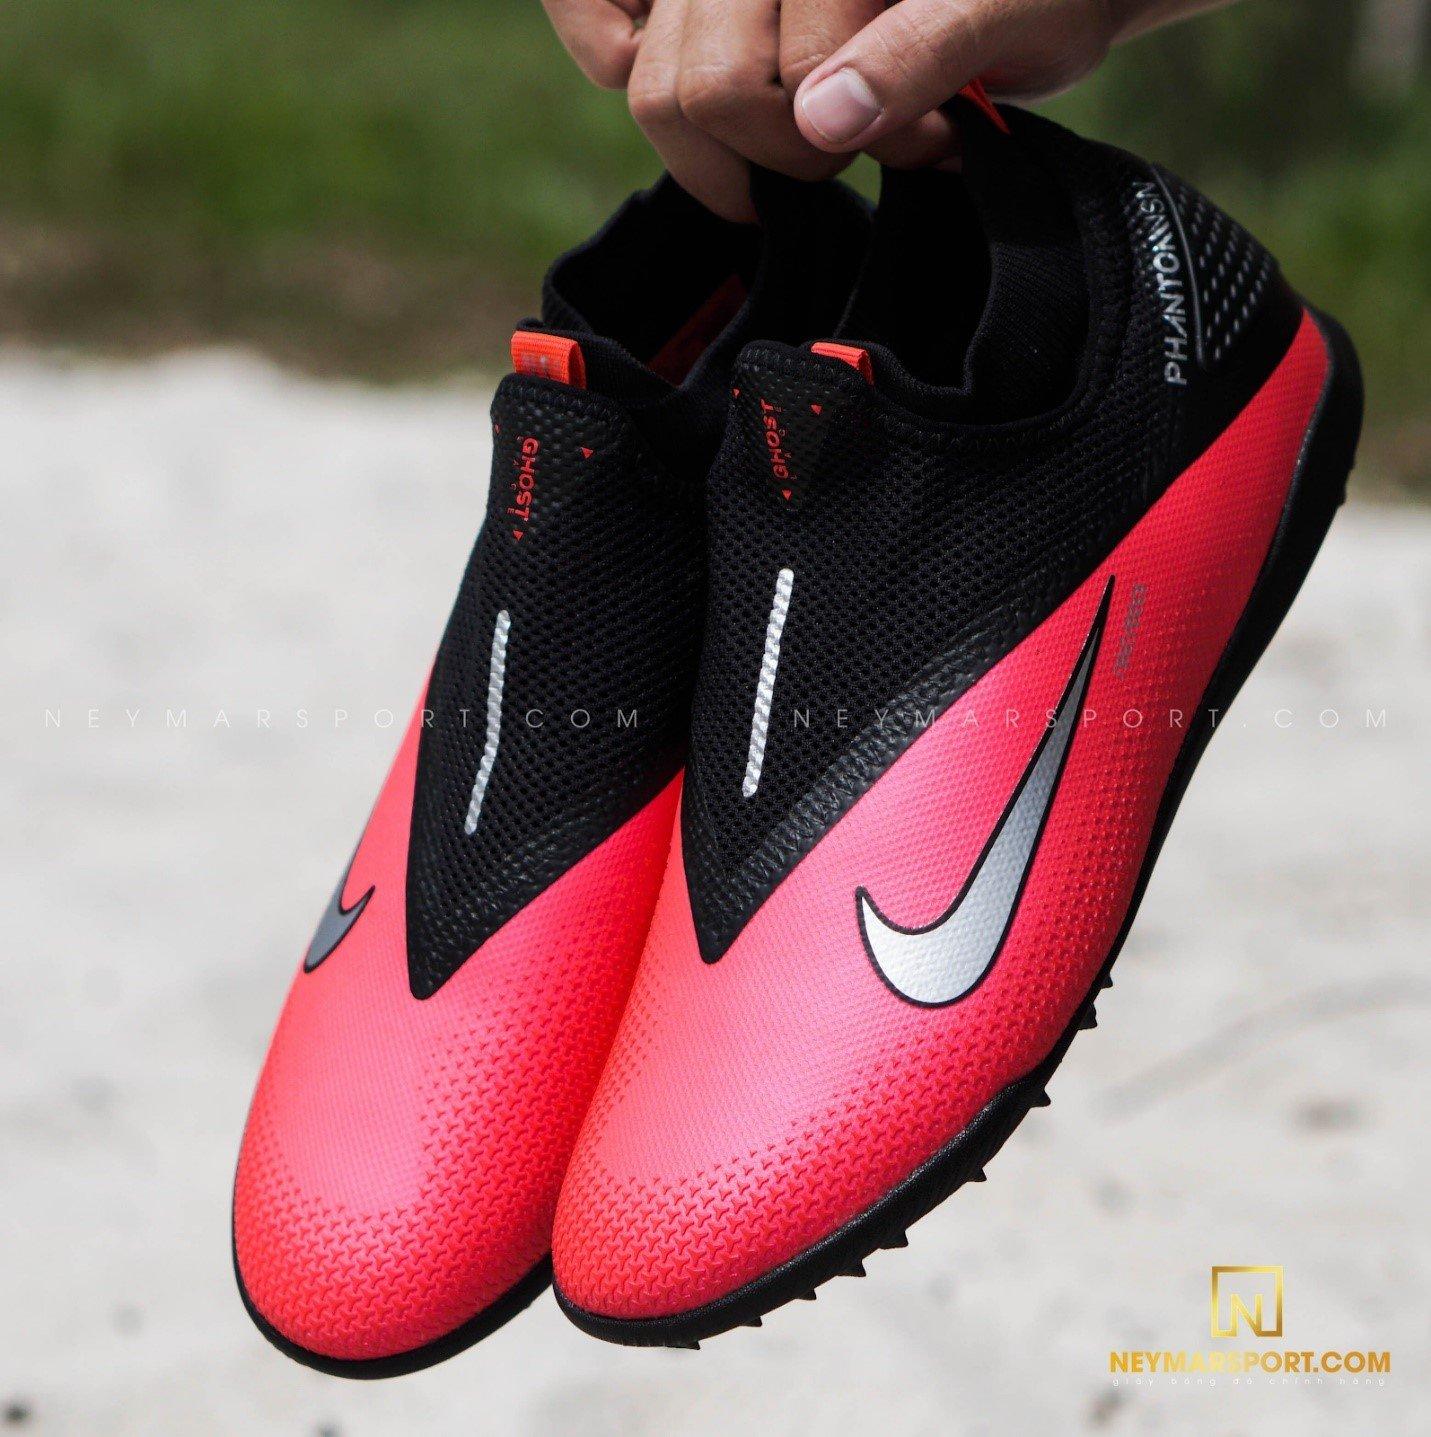 Công nghệ của giày đá bóng Nike Phantom VSN